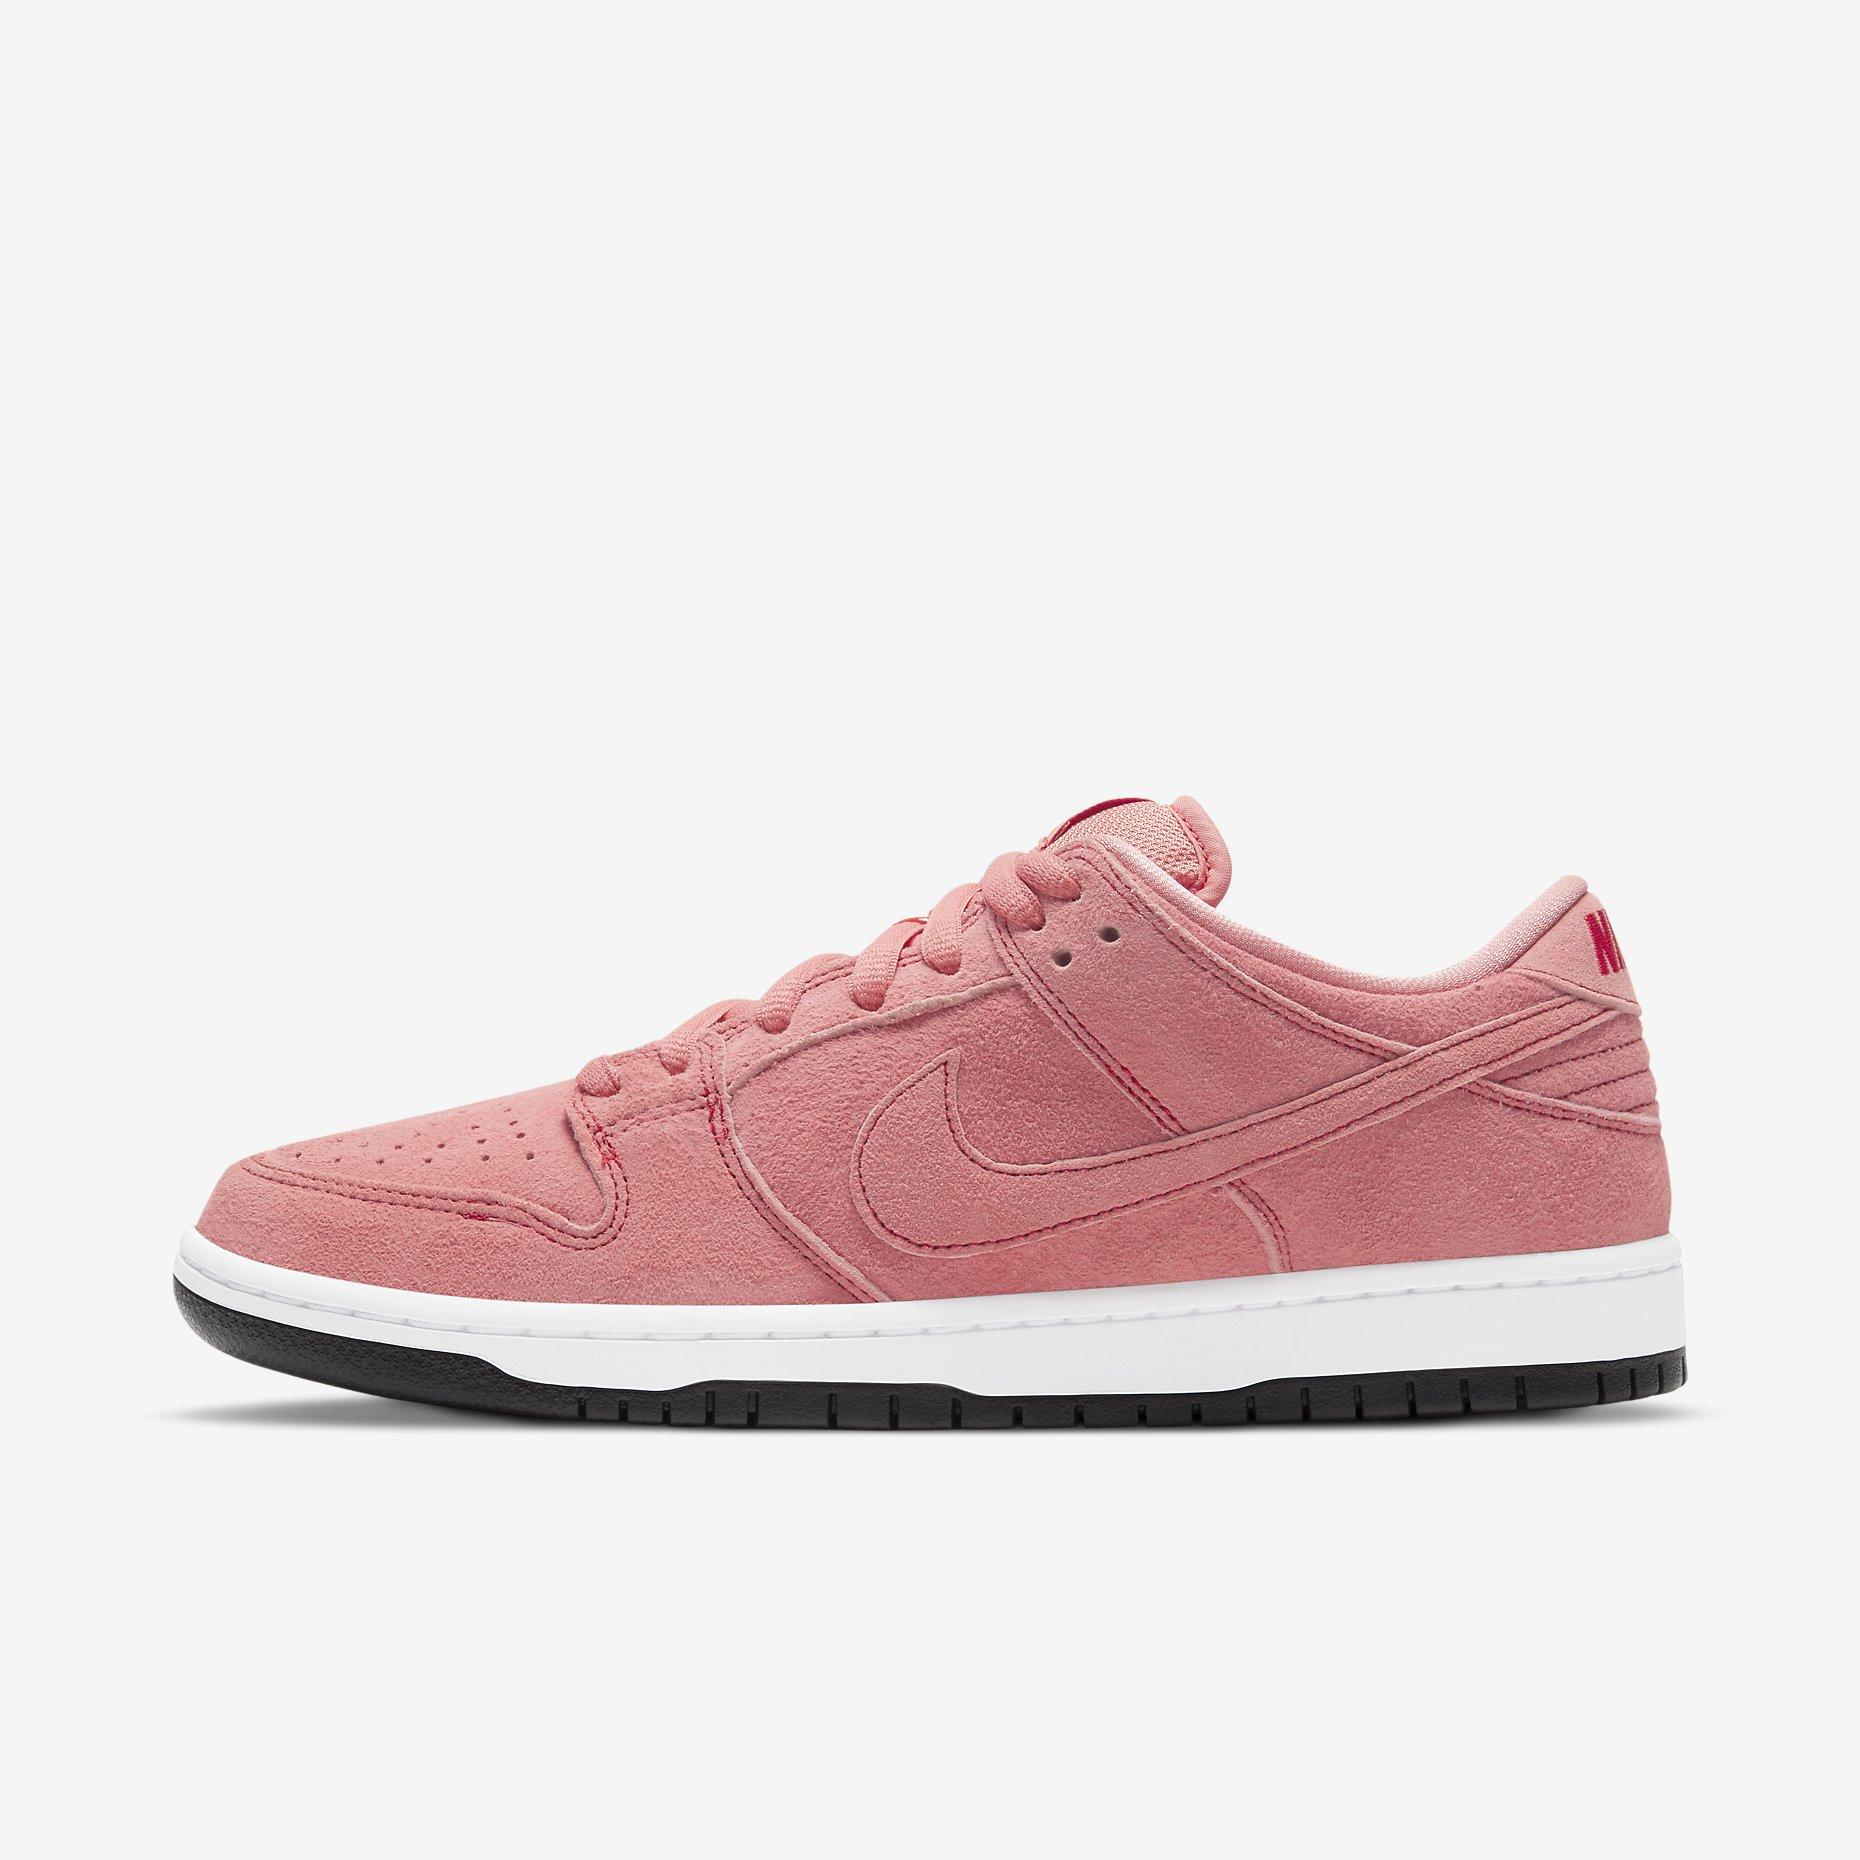 Nike SB Dunk Low 'Pink Pig'}